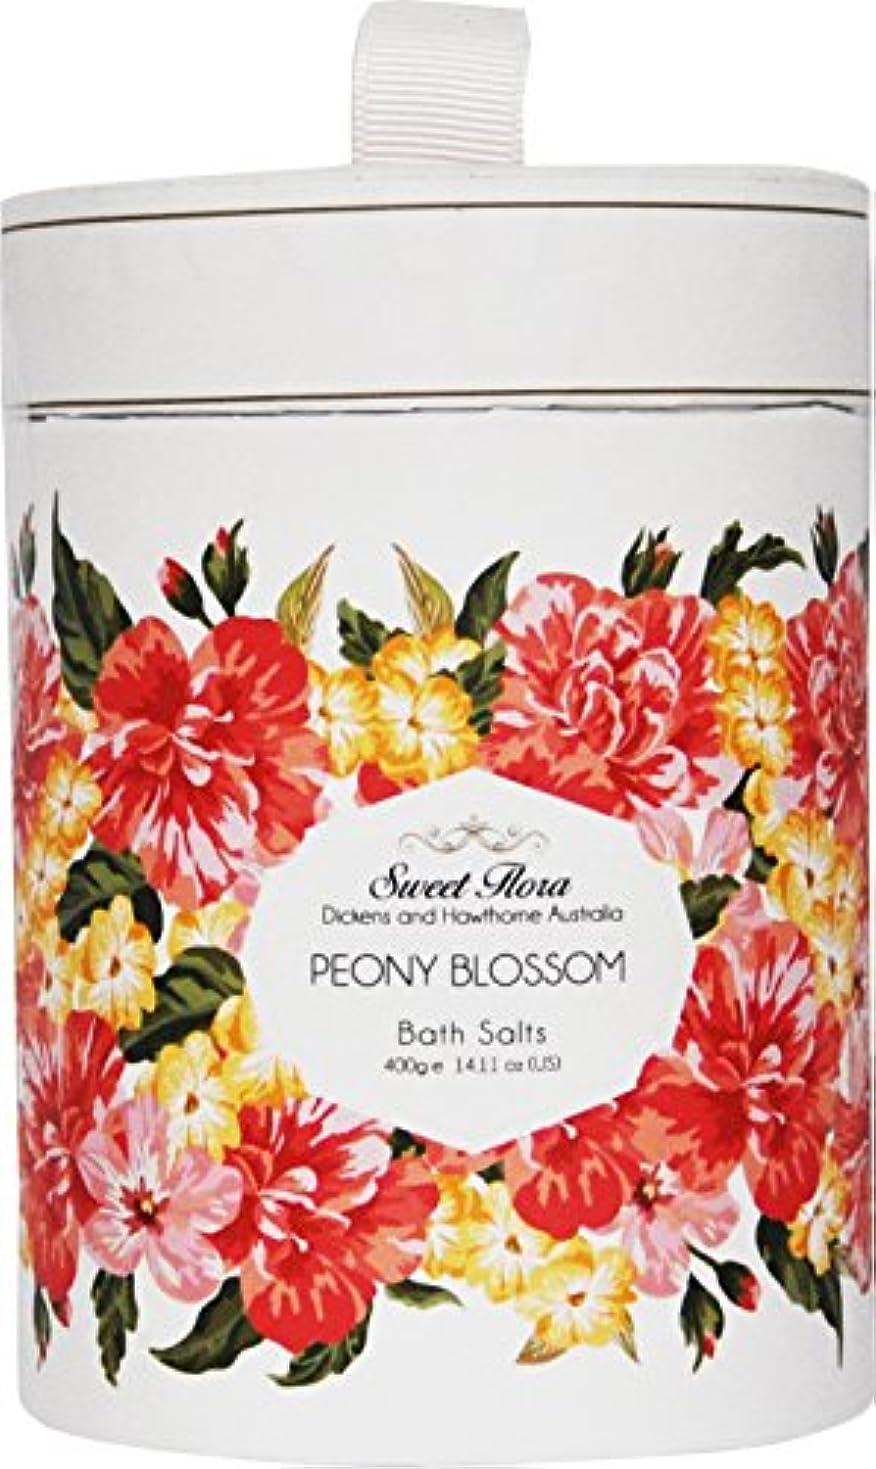 放射能ペッカディロでもSweet Flora スウィートフローラ Bath Salt バスソルト Peony Blossom ピオニーブロッサム